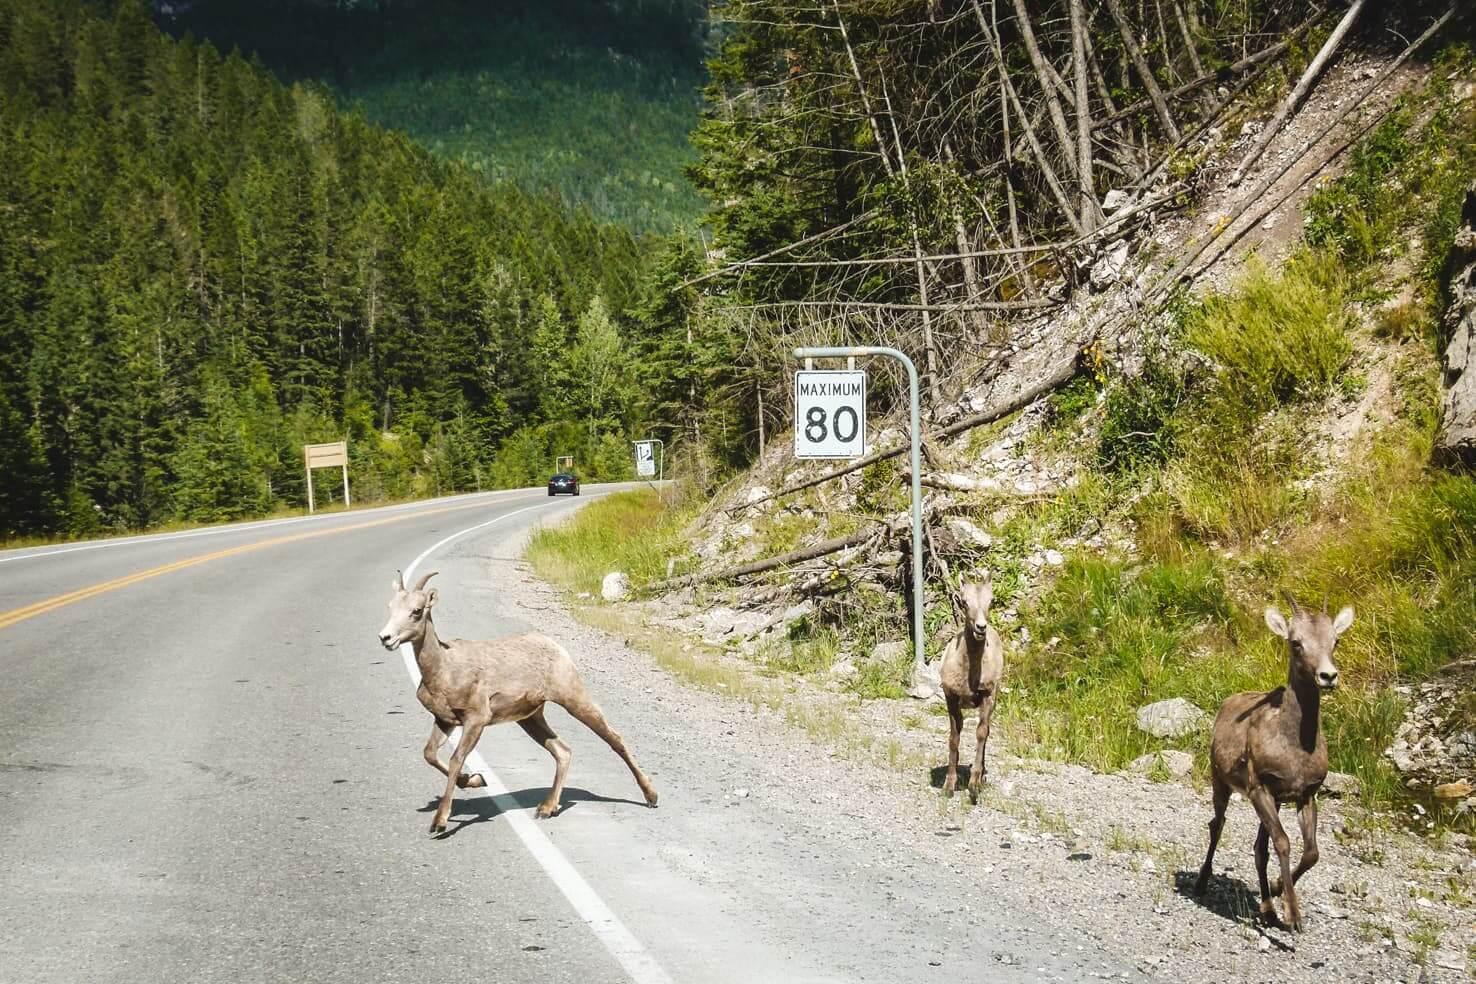 Adventure travel guide to Yoho National Park